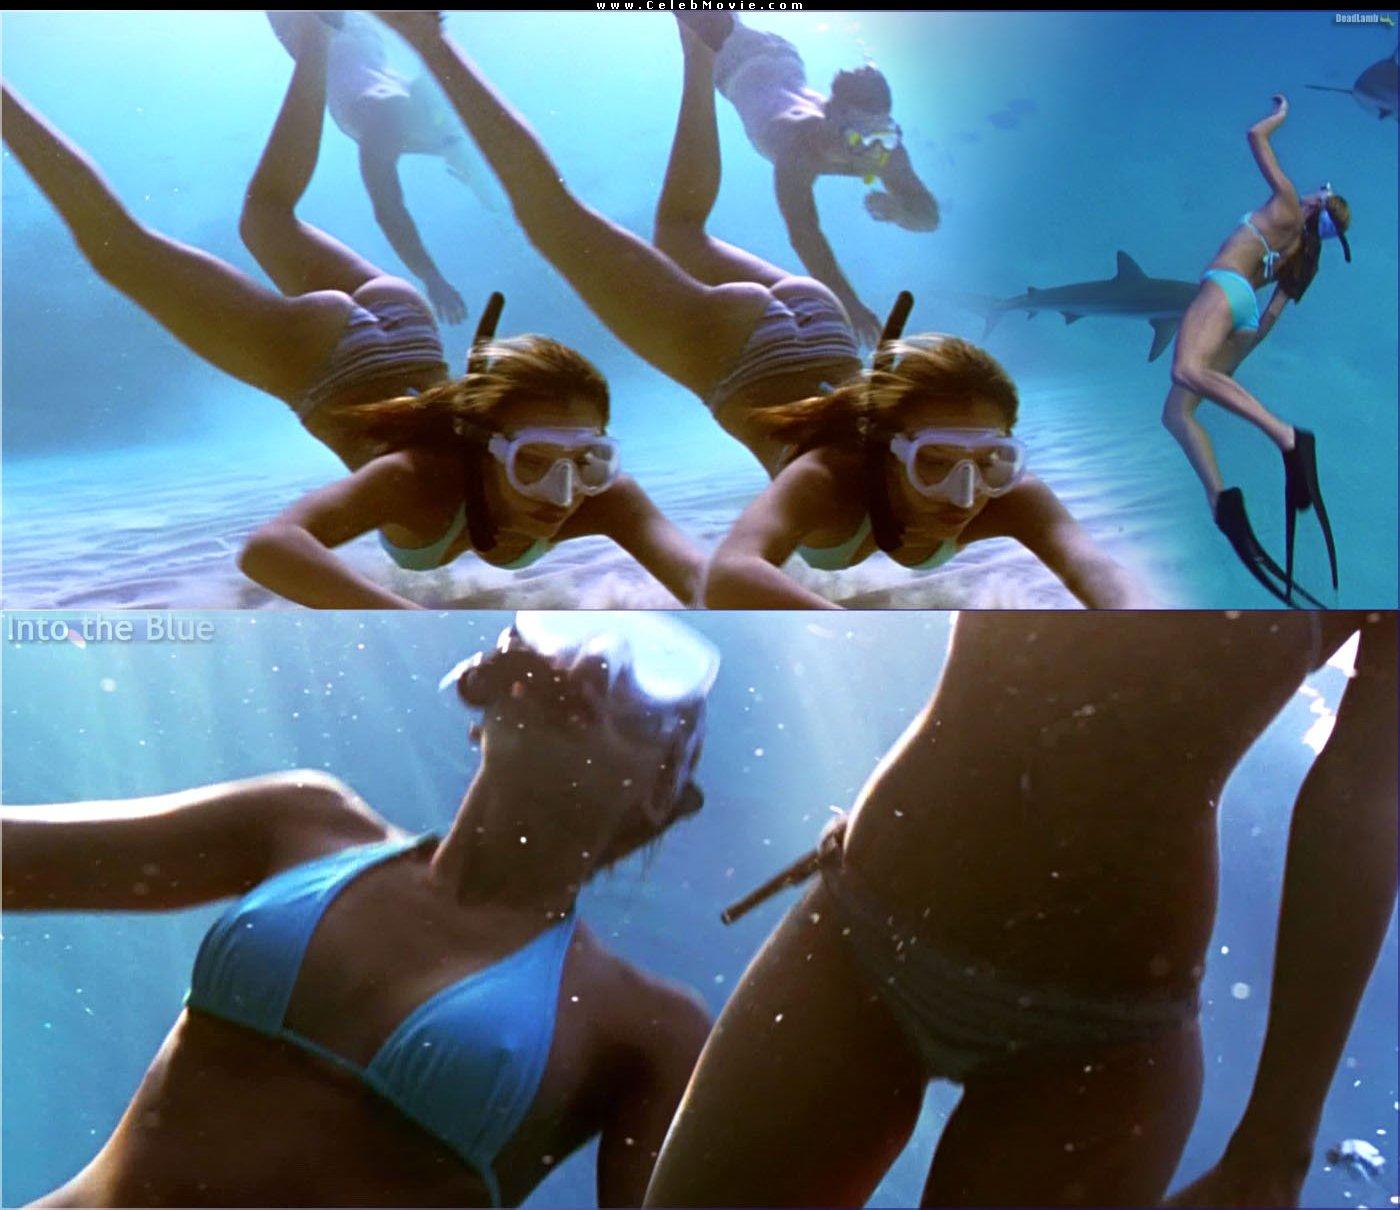 Jessica_Alba-Sexy_Nude-12.jpg